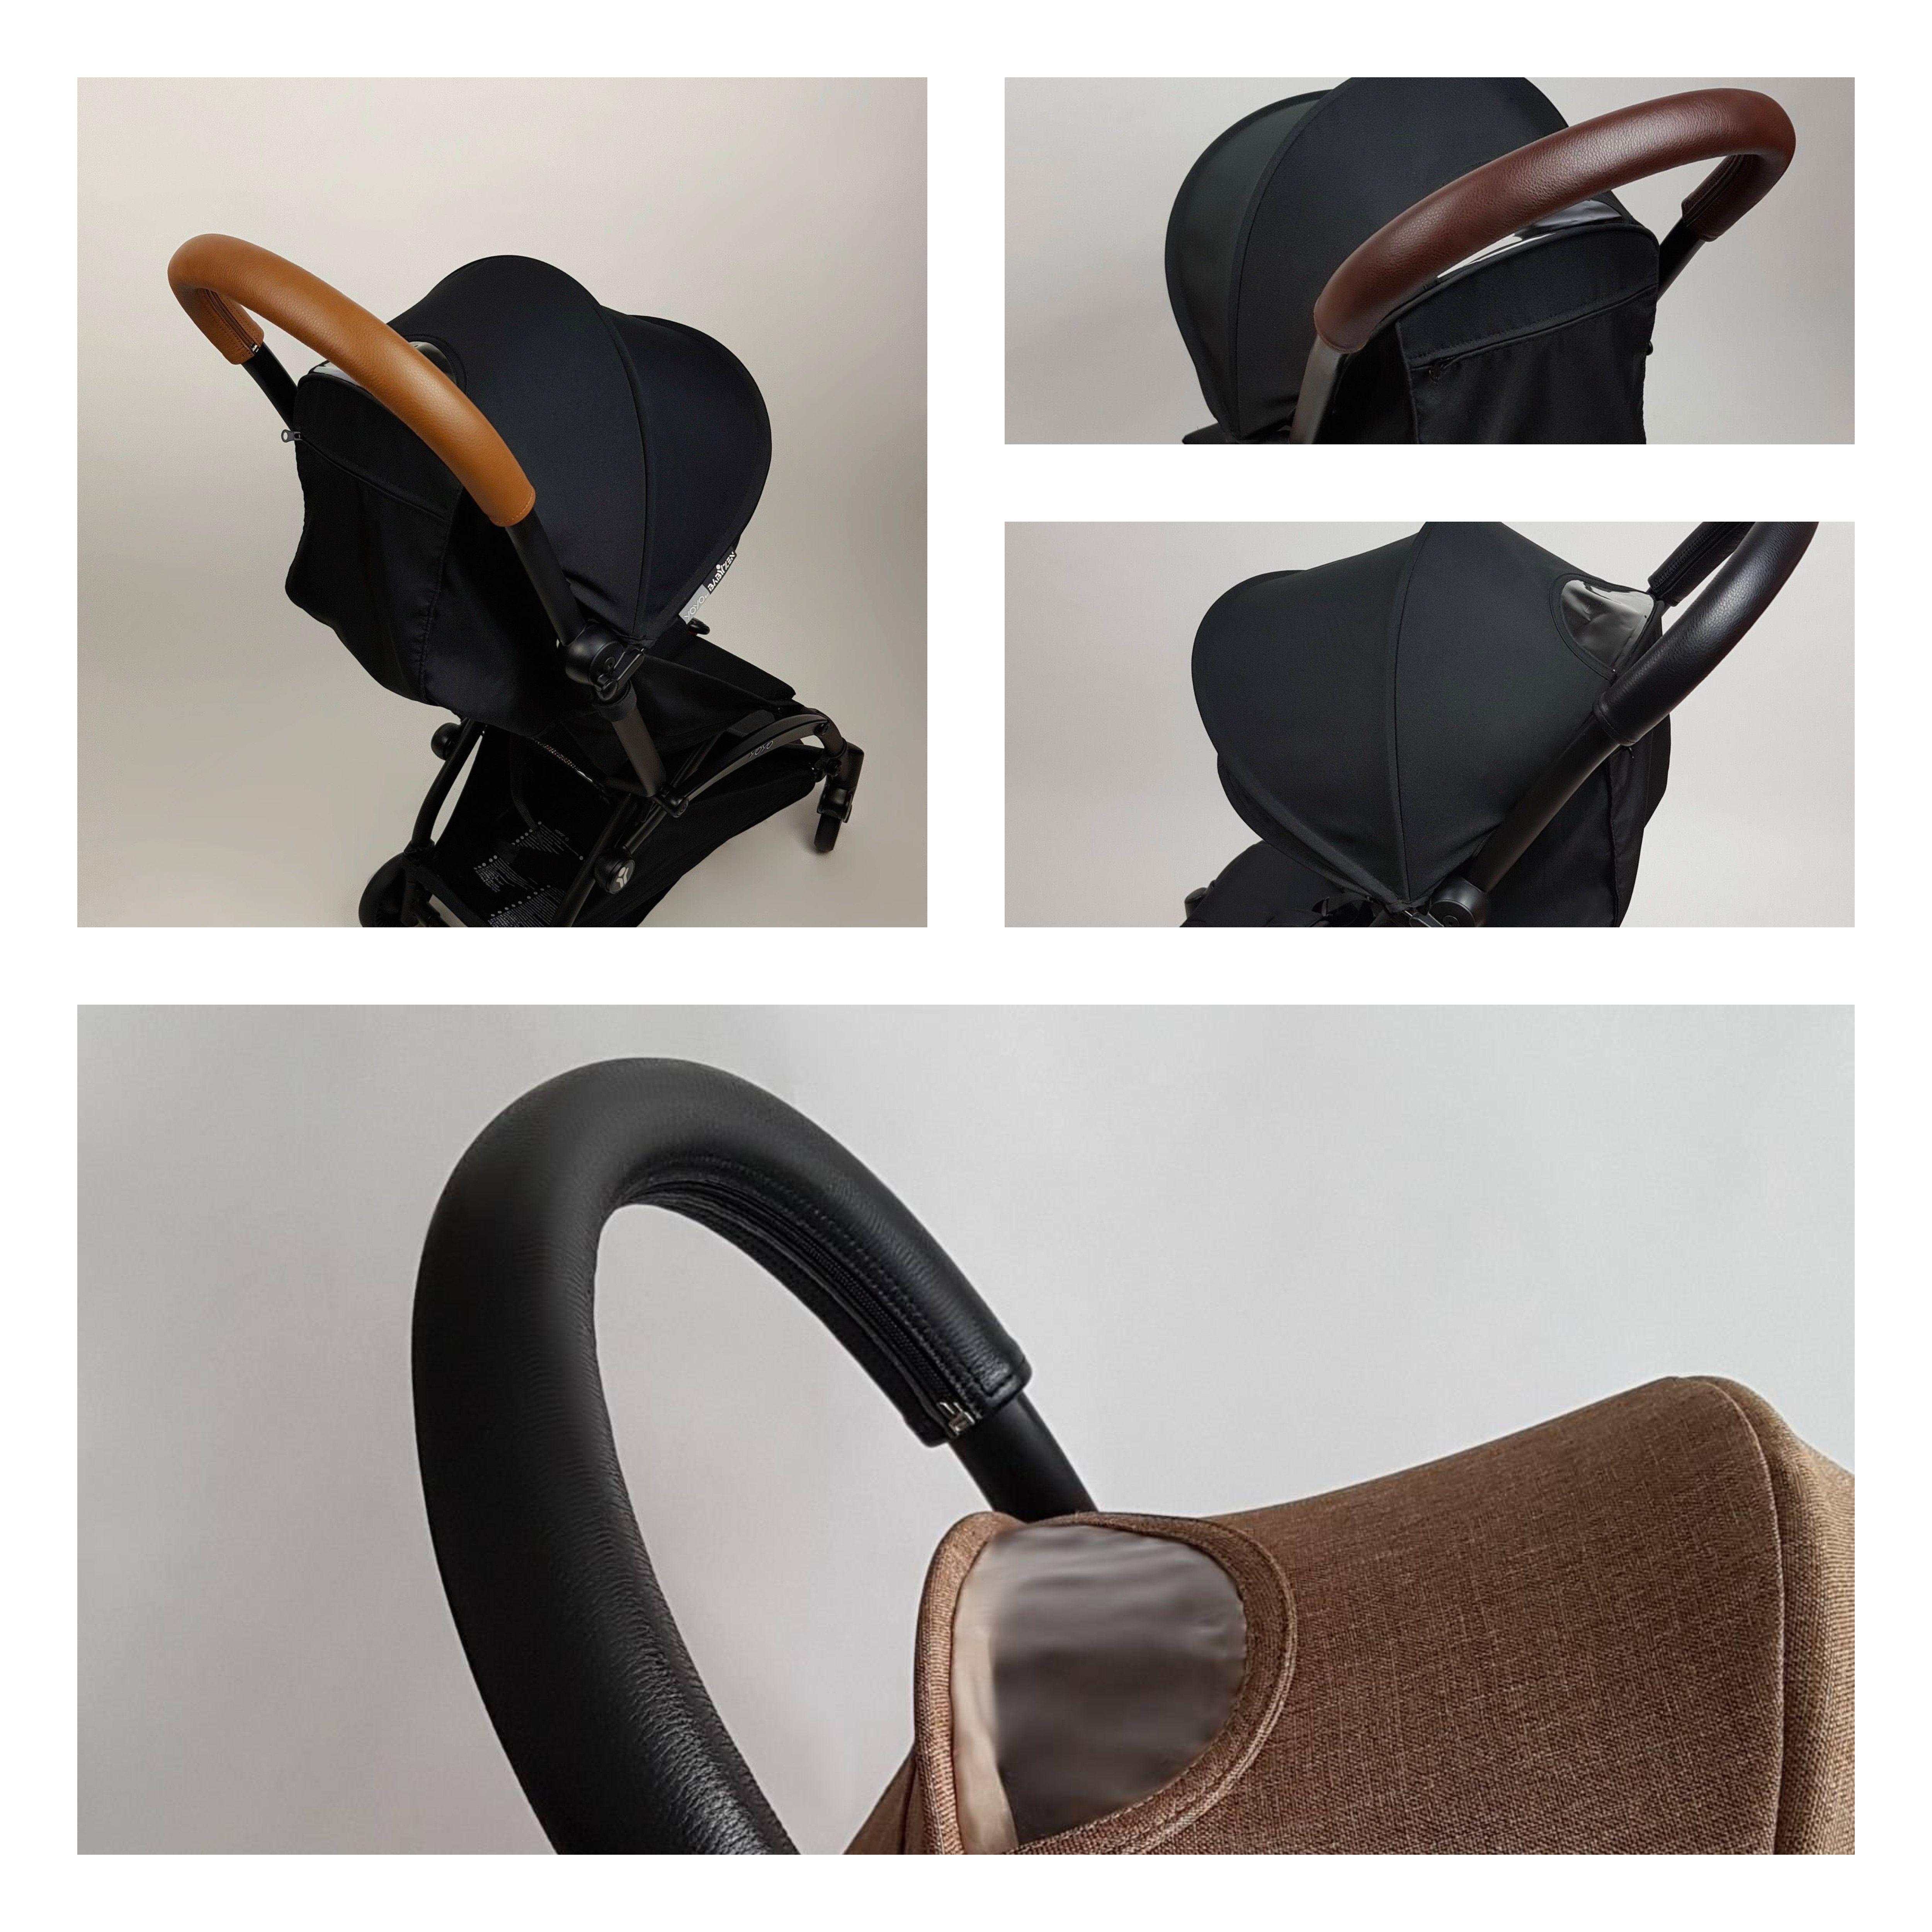 Genuine Leather handle bar cover for Babyzen Yoyo, Yoyo+